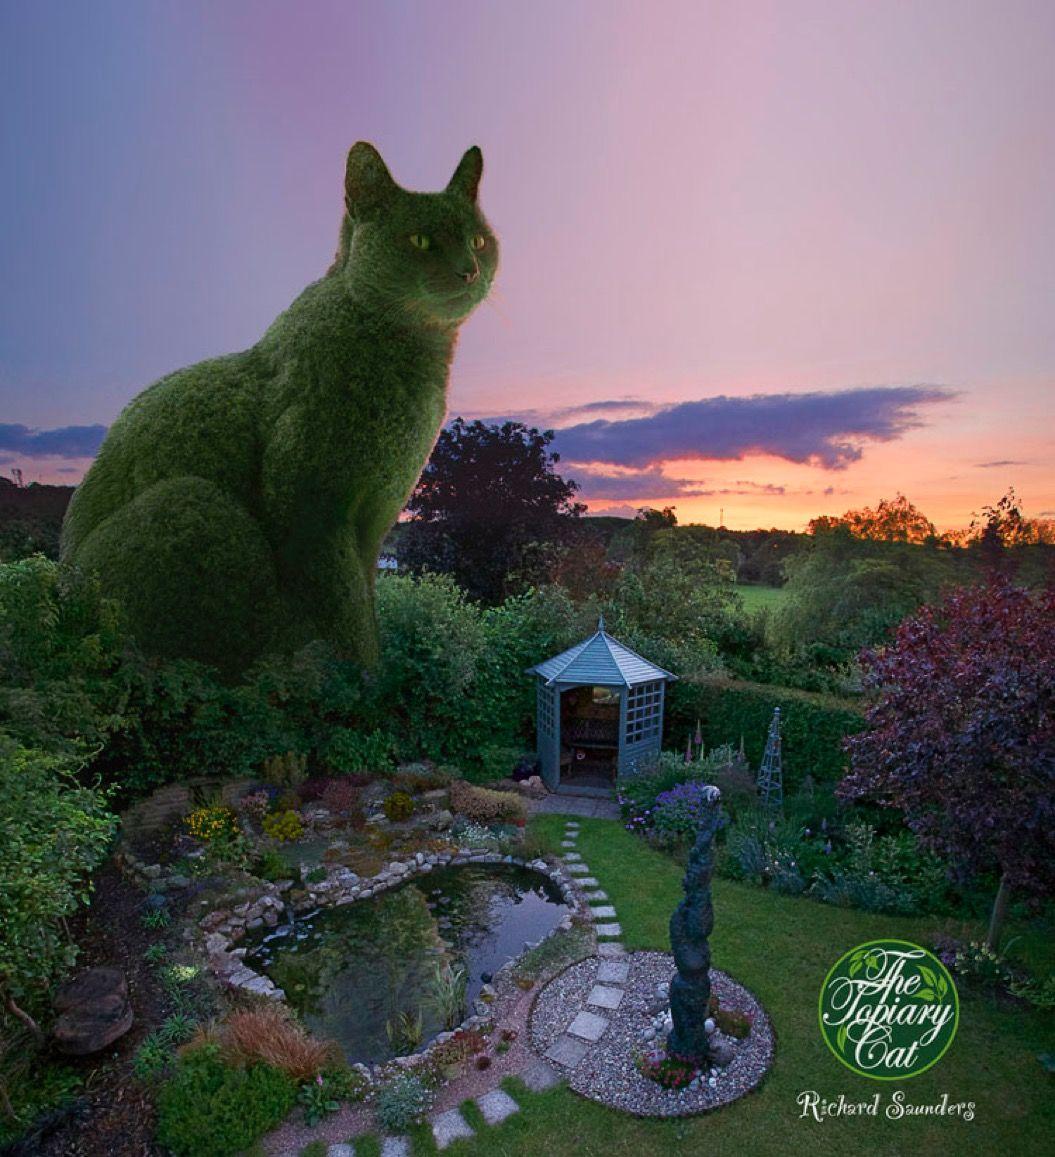 美しい庭に寝そべる「巨大なネコ」。じつはコレ・・・